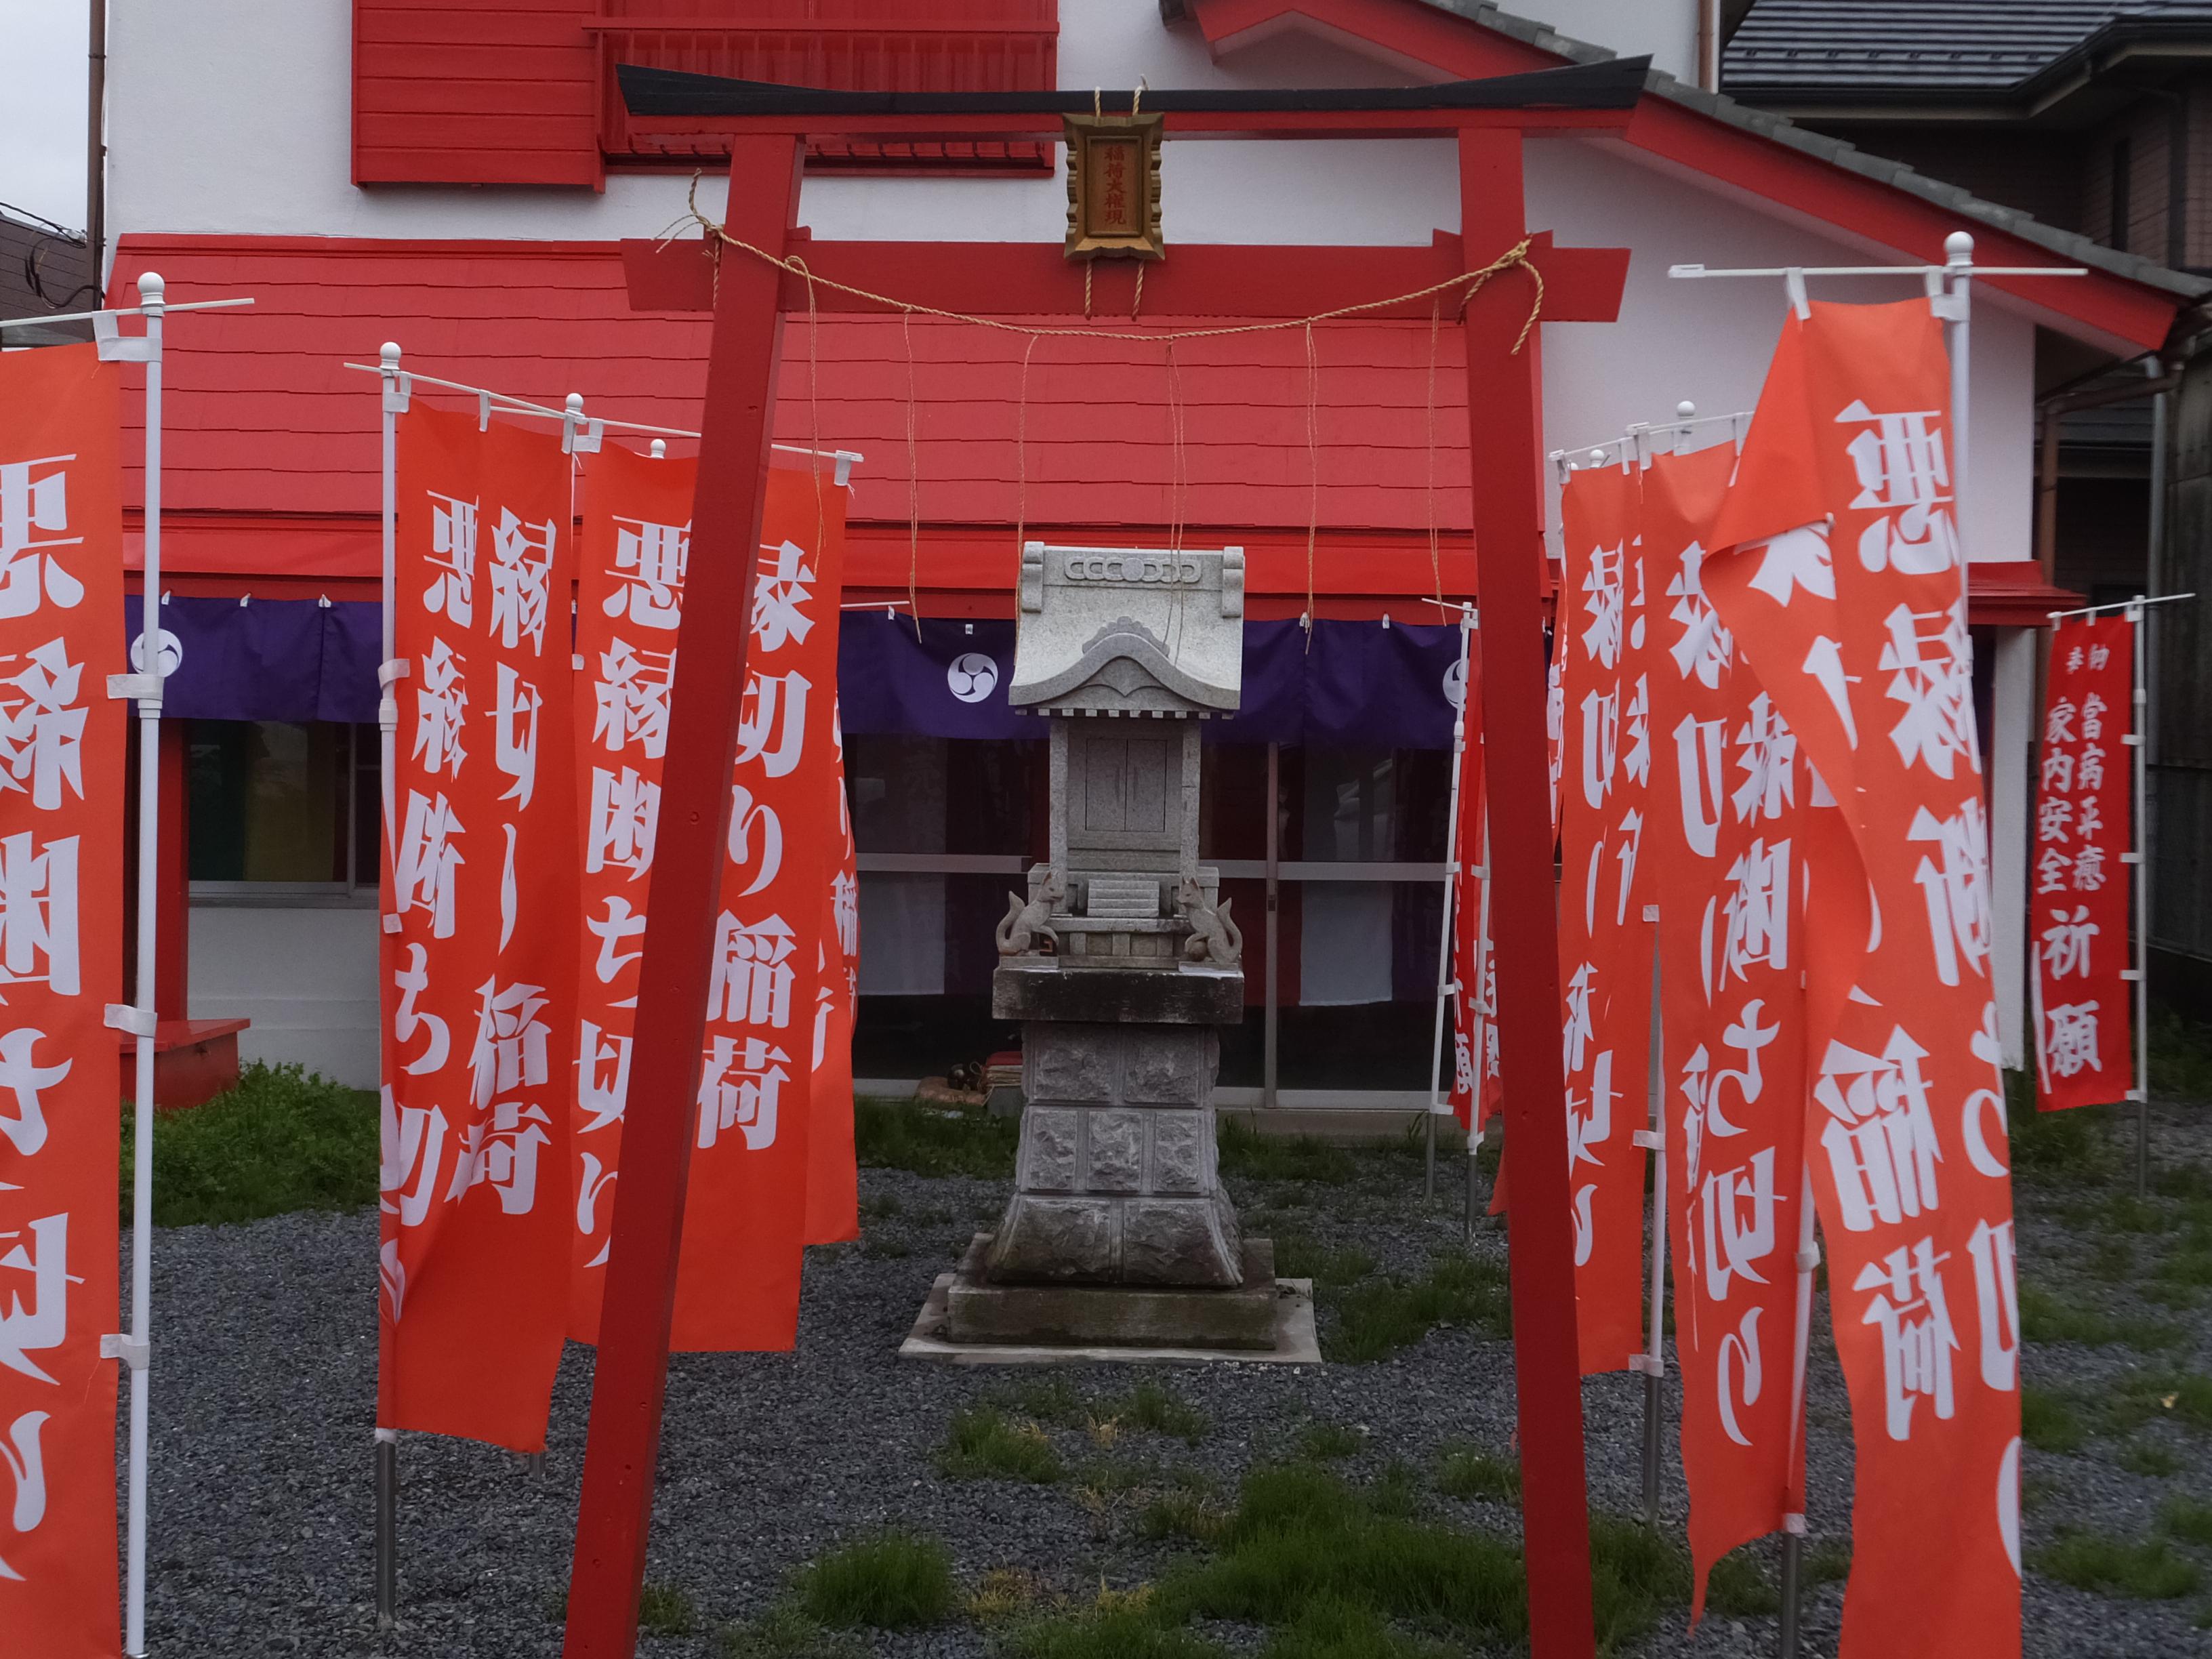 縁切り寺,縁切り神社,茨城,水子供養,牛久